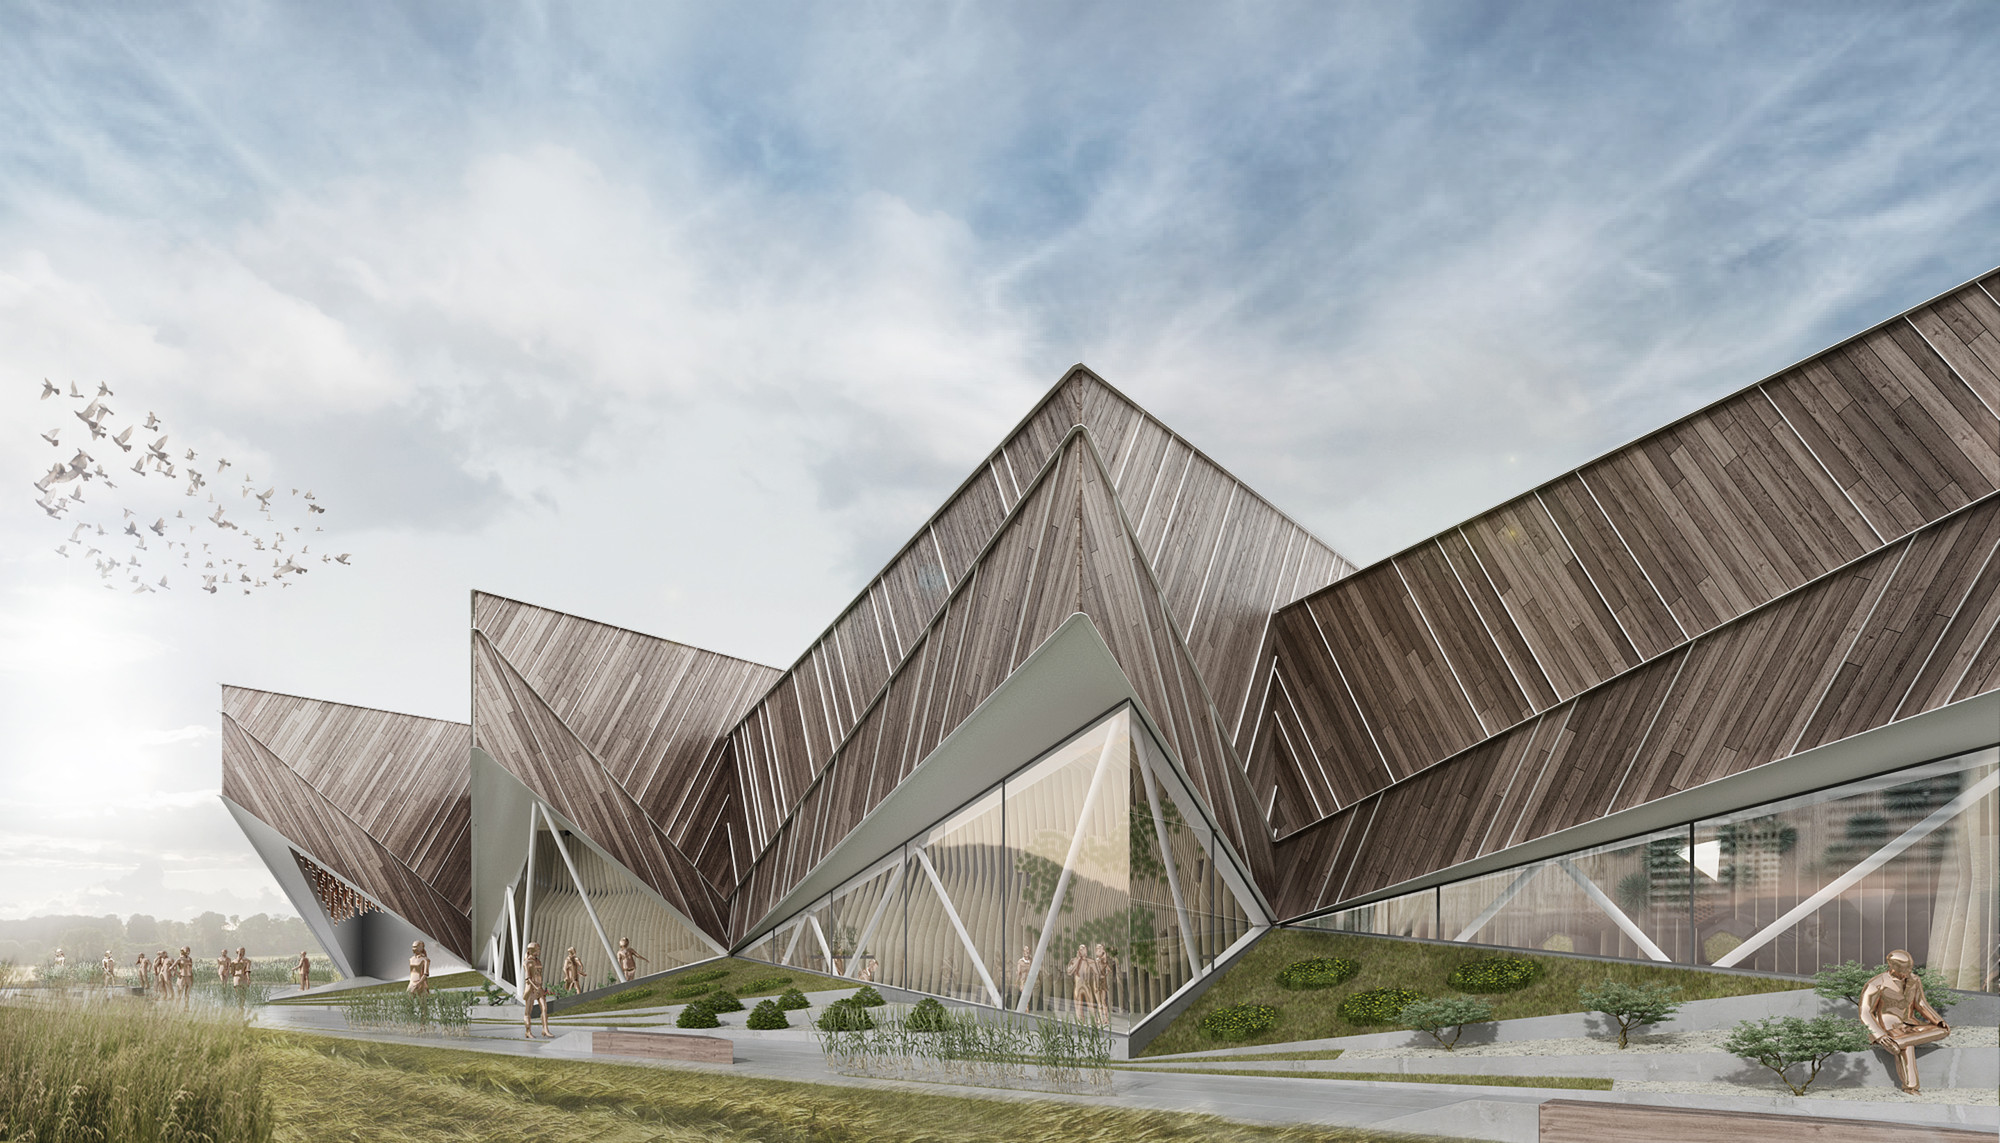 Milan Expo 2015: SoNo Arhitekti-Designed Pavilion to Represent Slovenia, Courtesy of SoNo Arhitekti